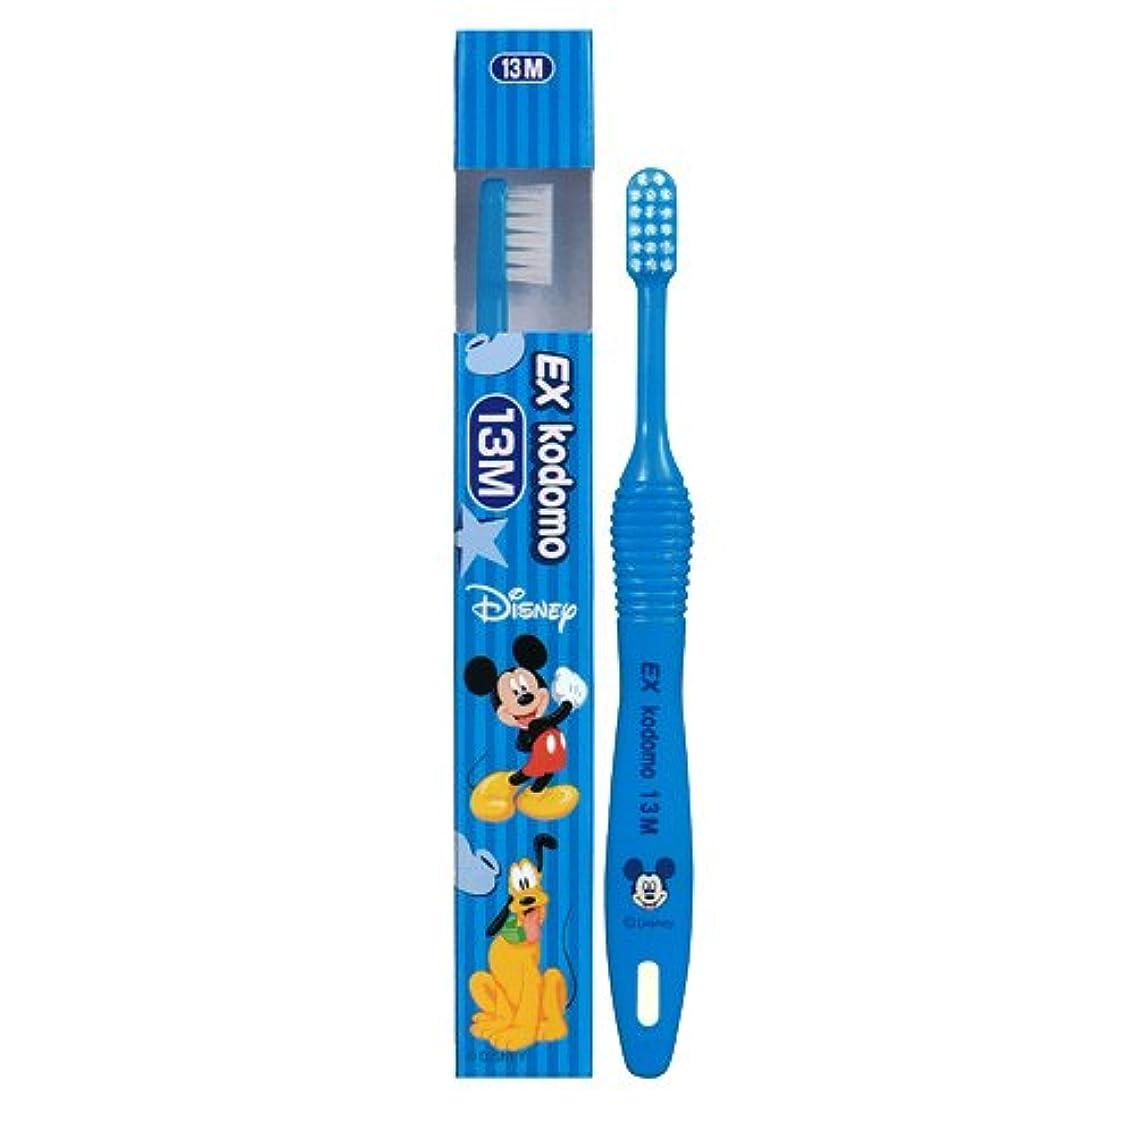 夜明けにモスクエゴイズムEX kodomo ディズニー 歯ブラシ 13(乳幼児用?0~6歳)M 4本入り